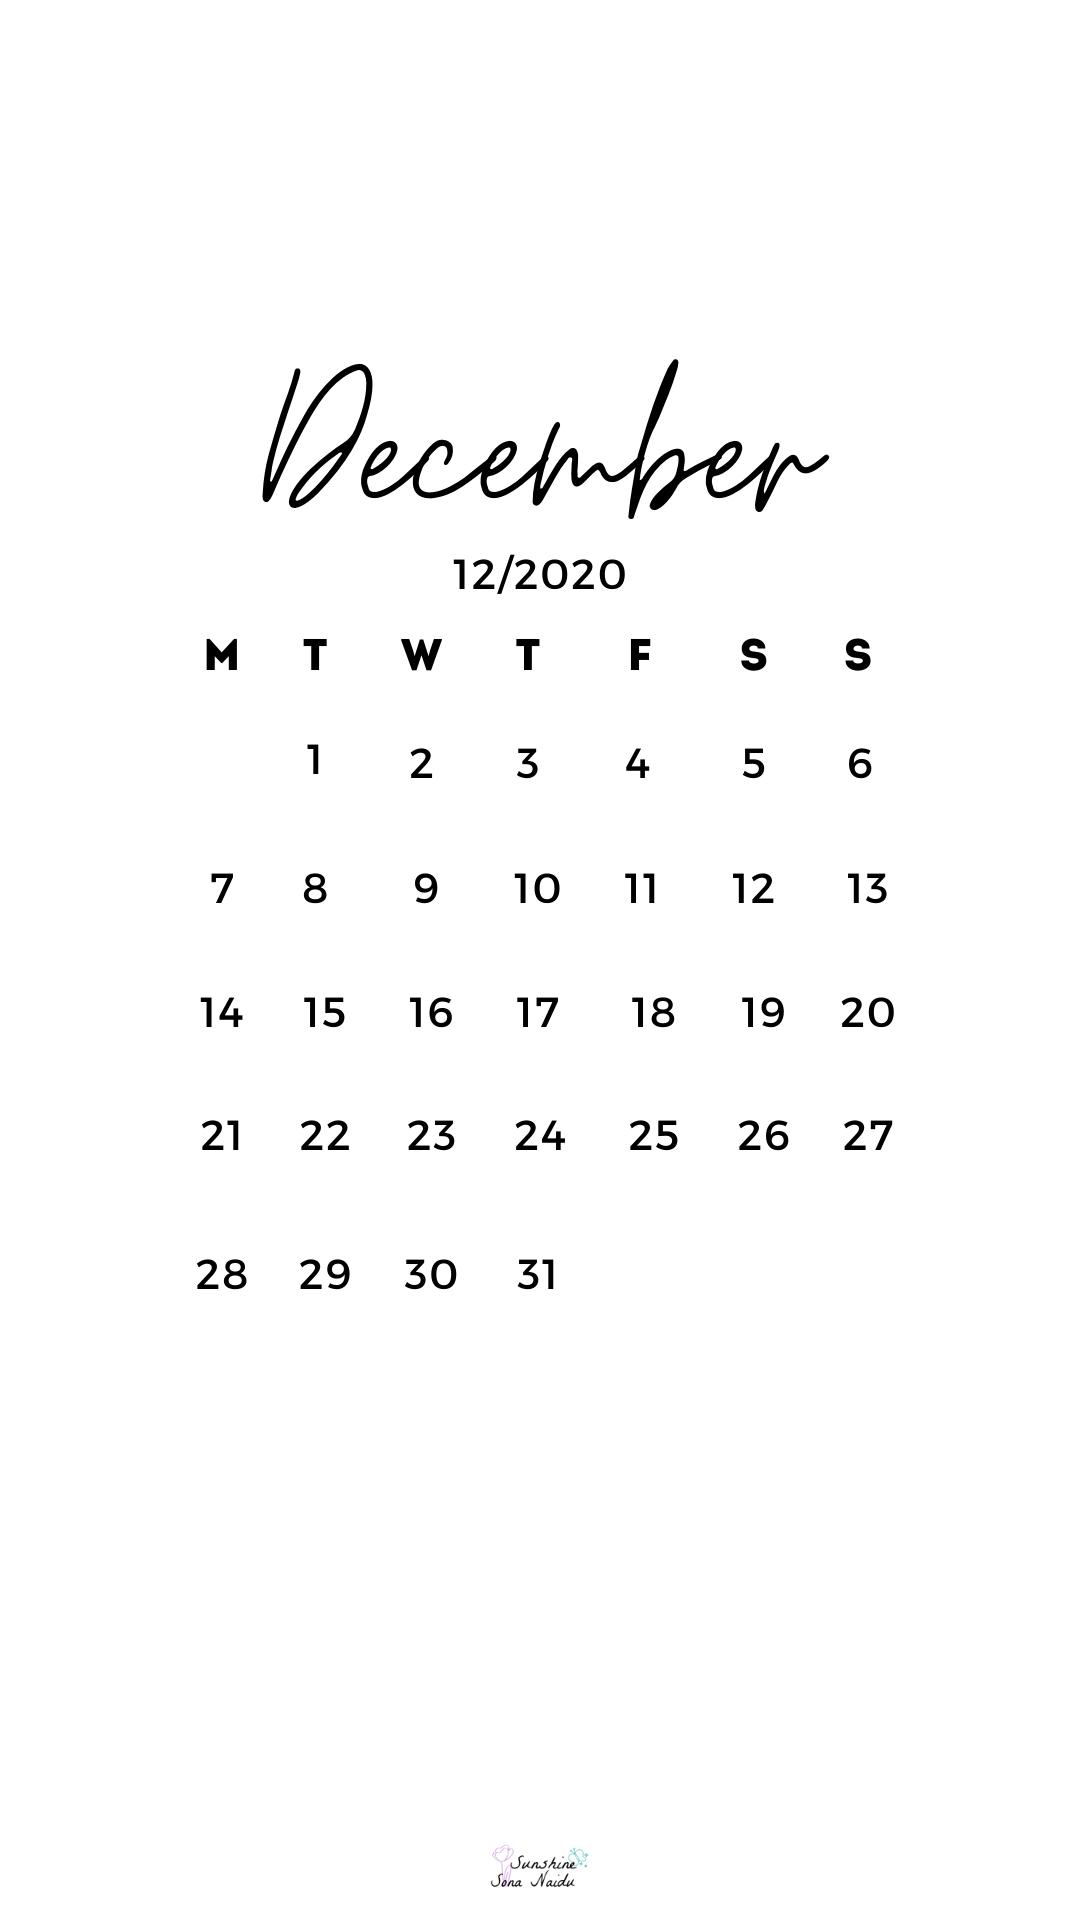 December 2020 wallpaper in 2020 Calendar wallpaper Cute 1080x1920